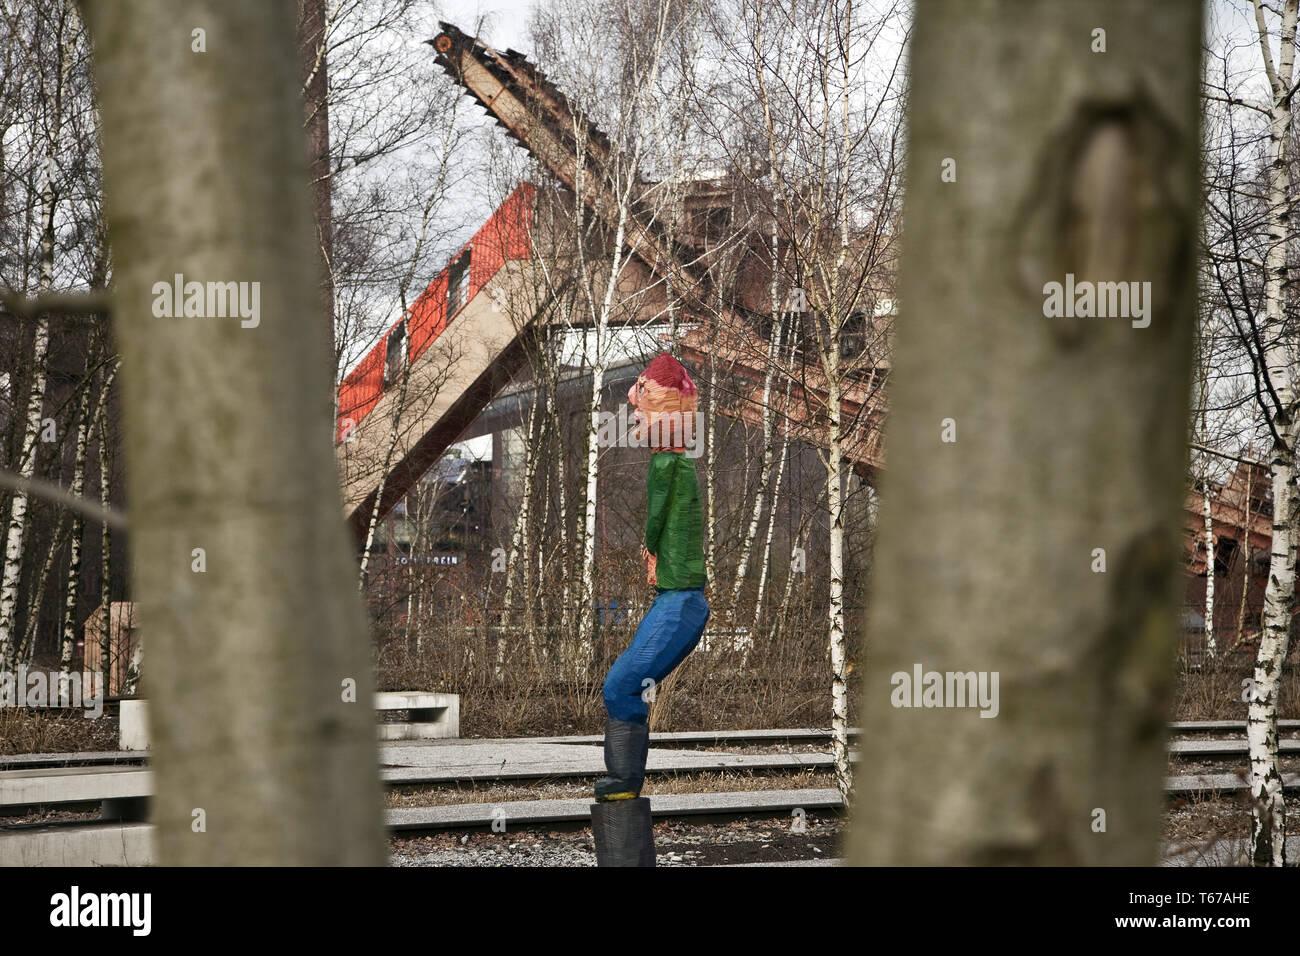 Zeche Zollverein, Essen, Ruhr area, Germany, Europe - Stock Image